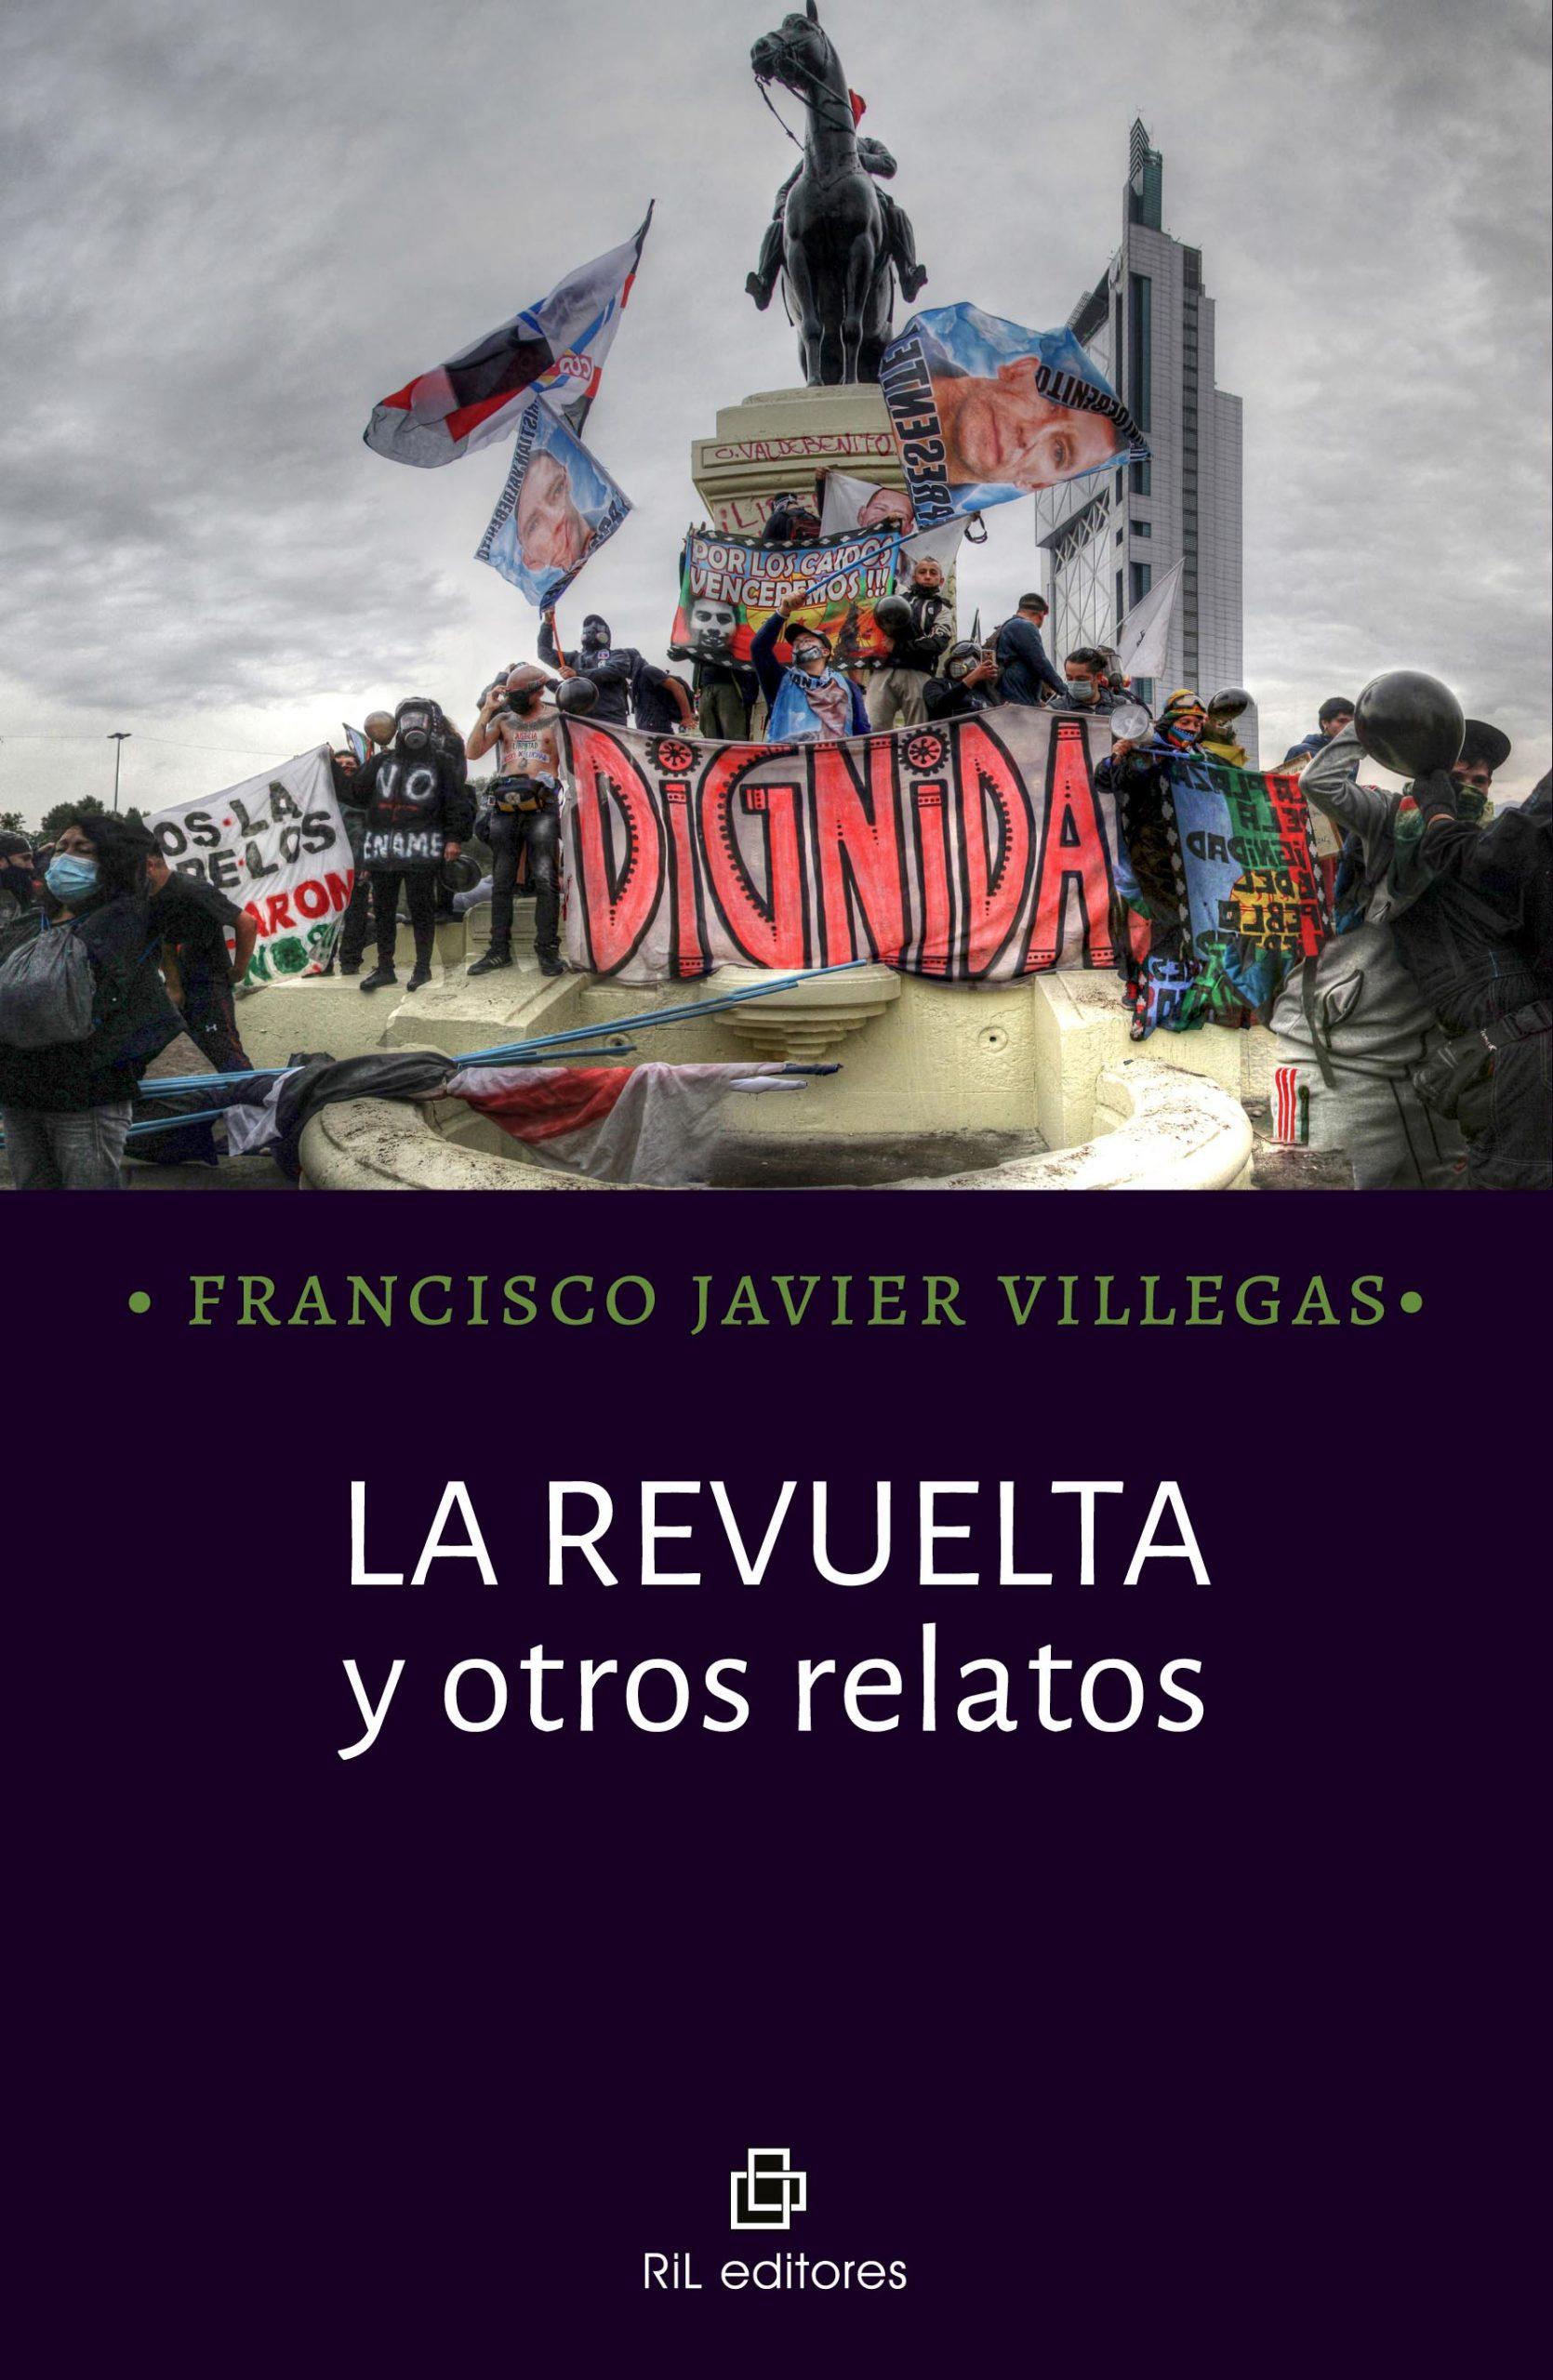 9788418065767 - Villegas, Francisco - 2021 - La revuelta y otros relatos-1